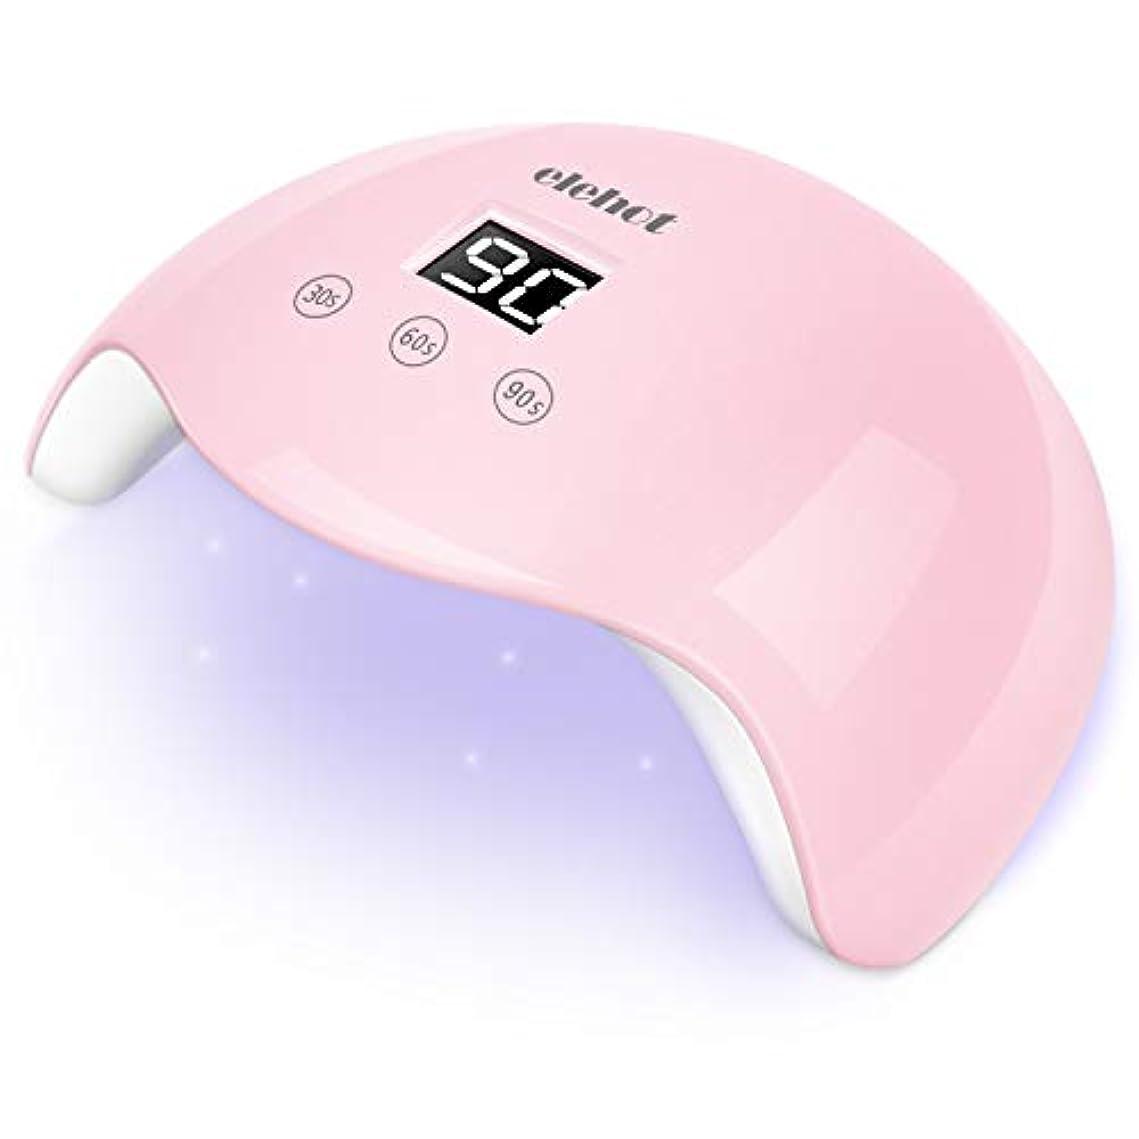 発言するスペクトラム論理ELEHOT uvライト ネイルドライヤー 硬化用UVライト uvledライト ledライト 人感センサー タイマー機能 交流式 ジェルネイル用 レジン用 ピンク